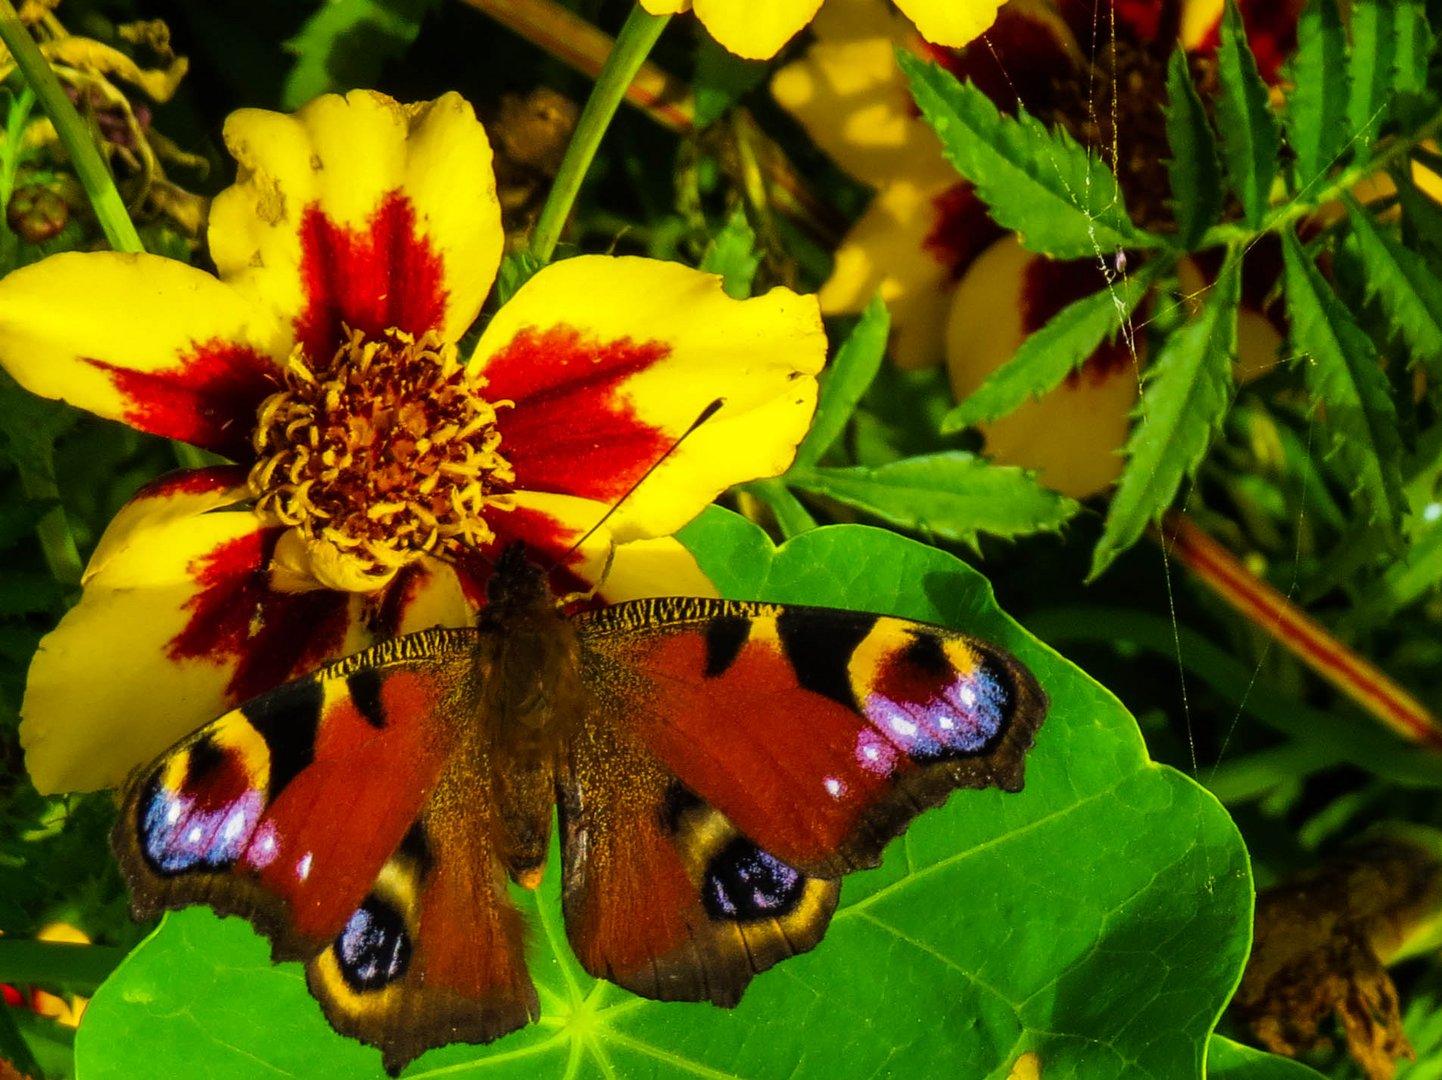 blume mit ein Schmetterling